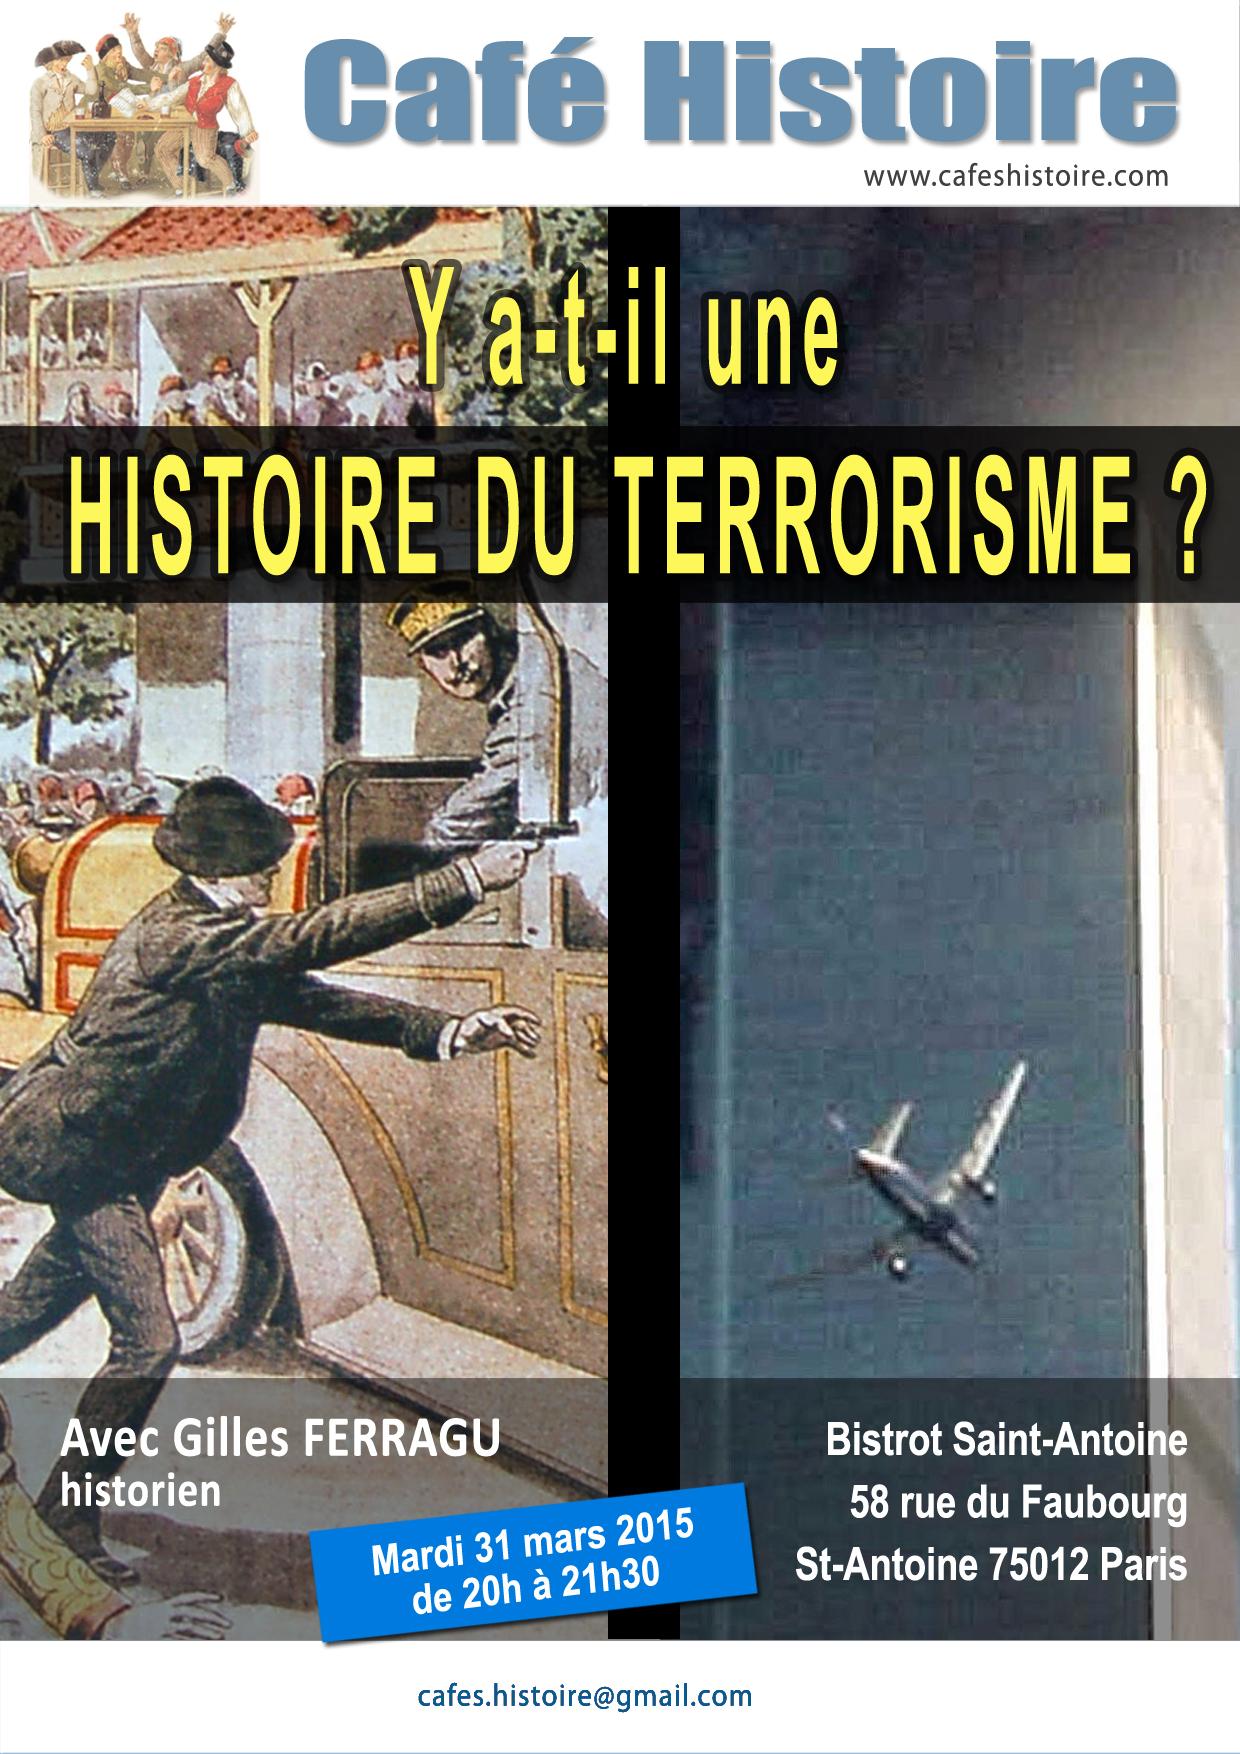 Histoire du terrorisme - Café Histoire